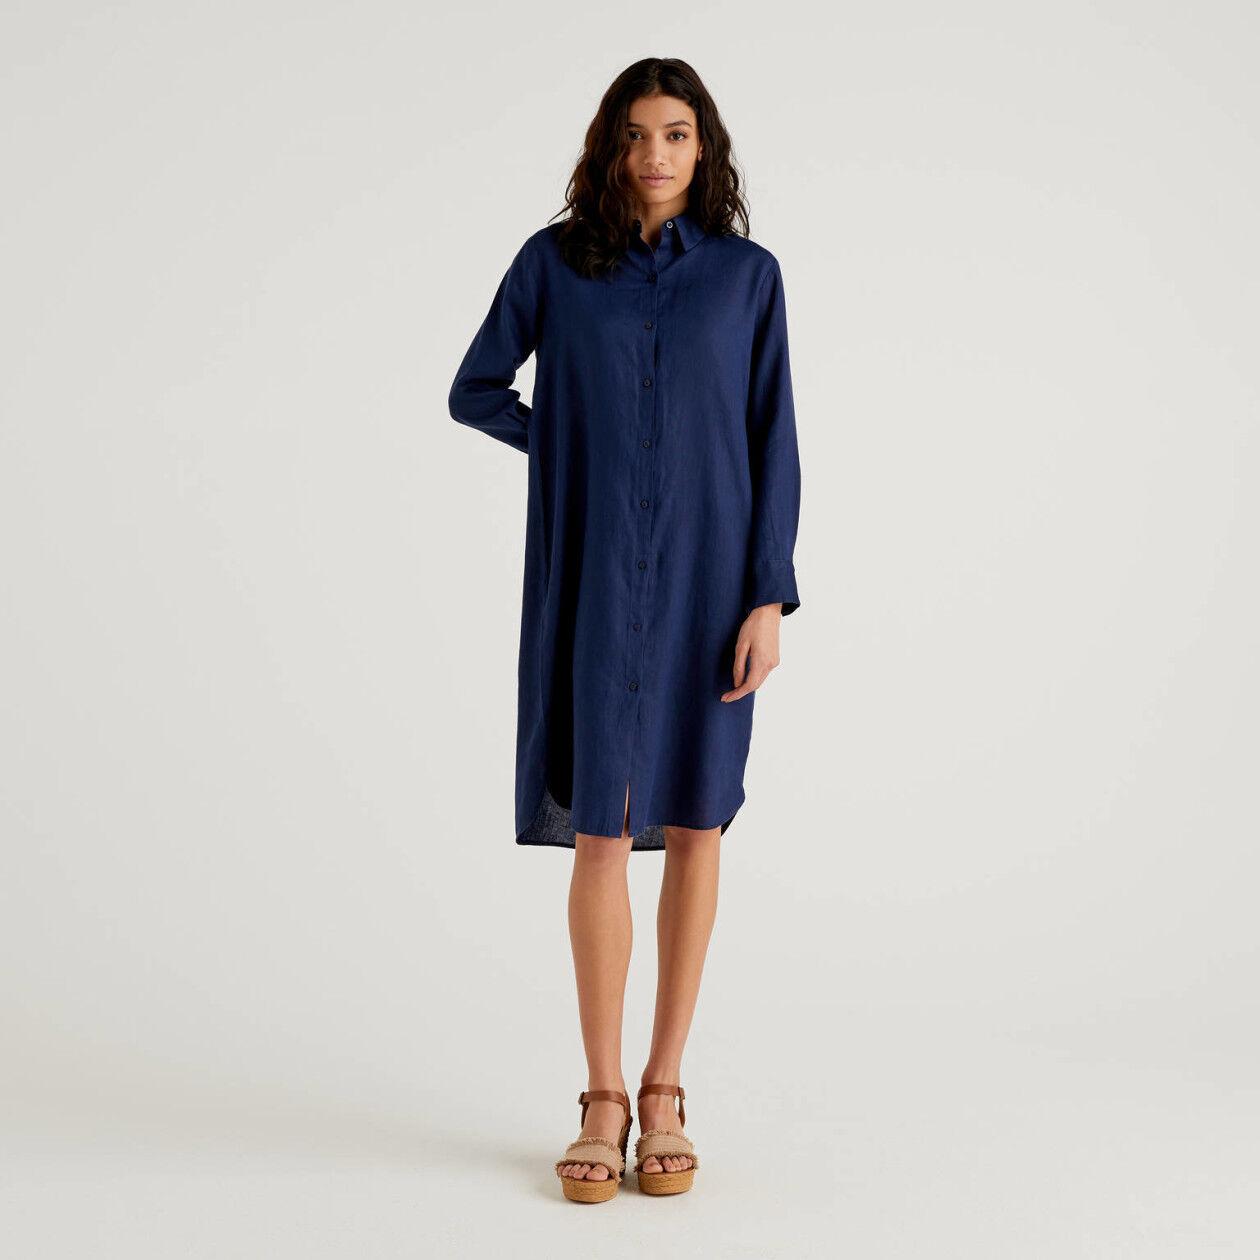 Shirt dress in 100% linen